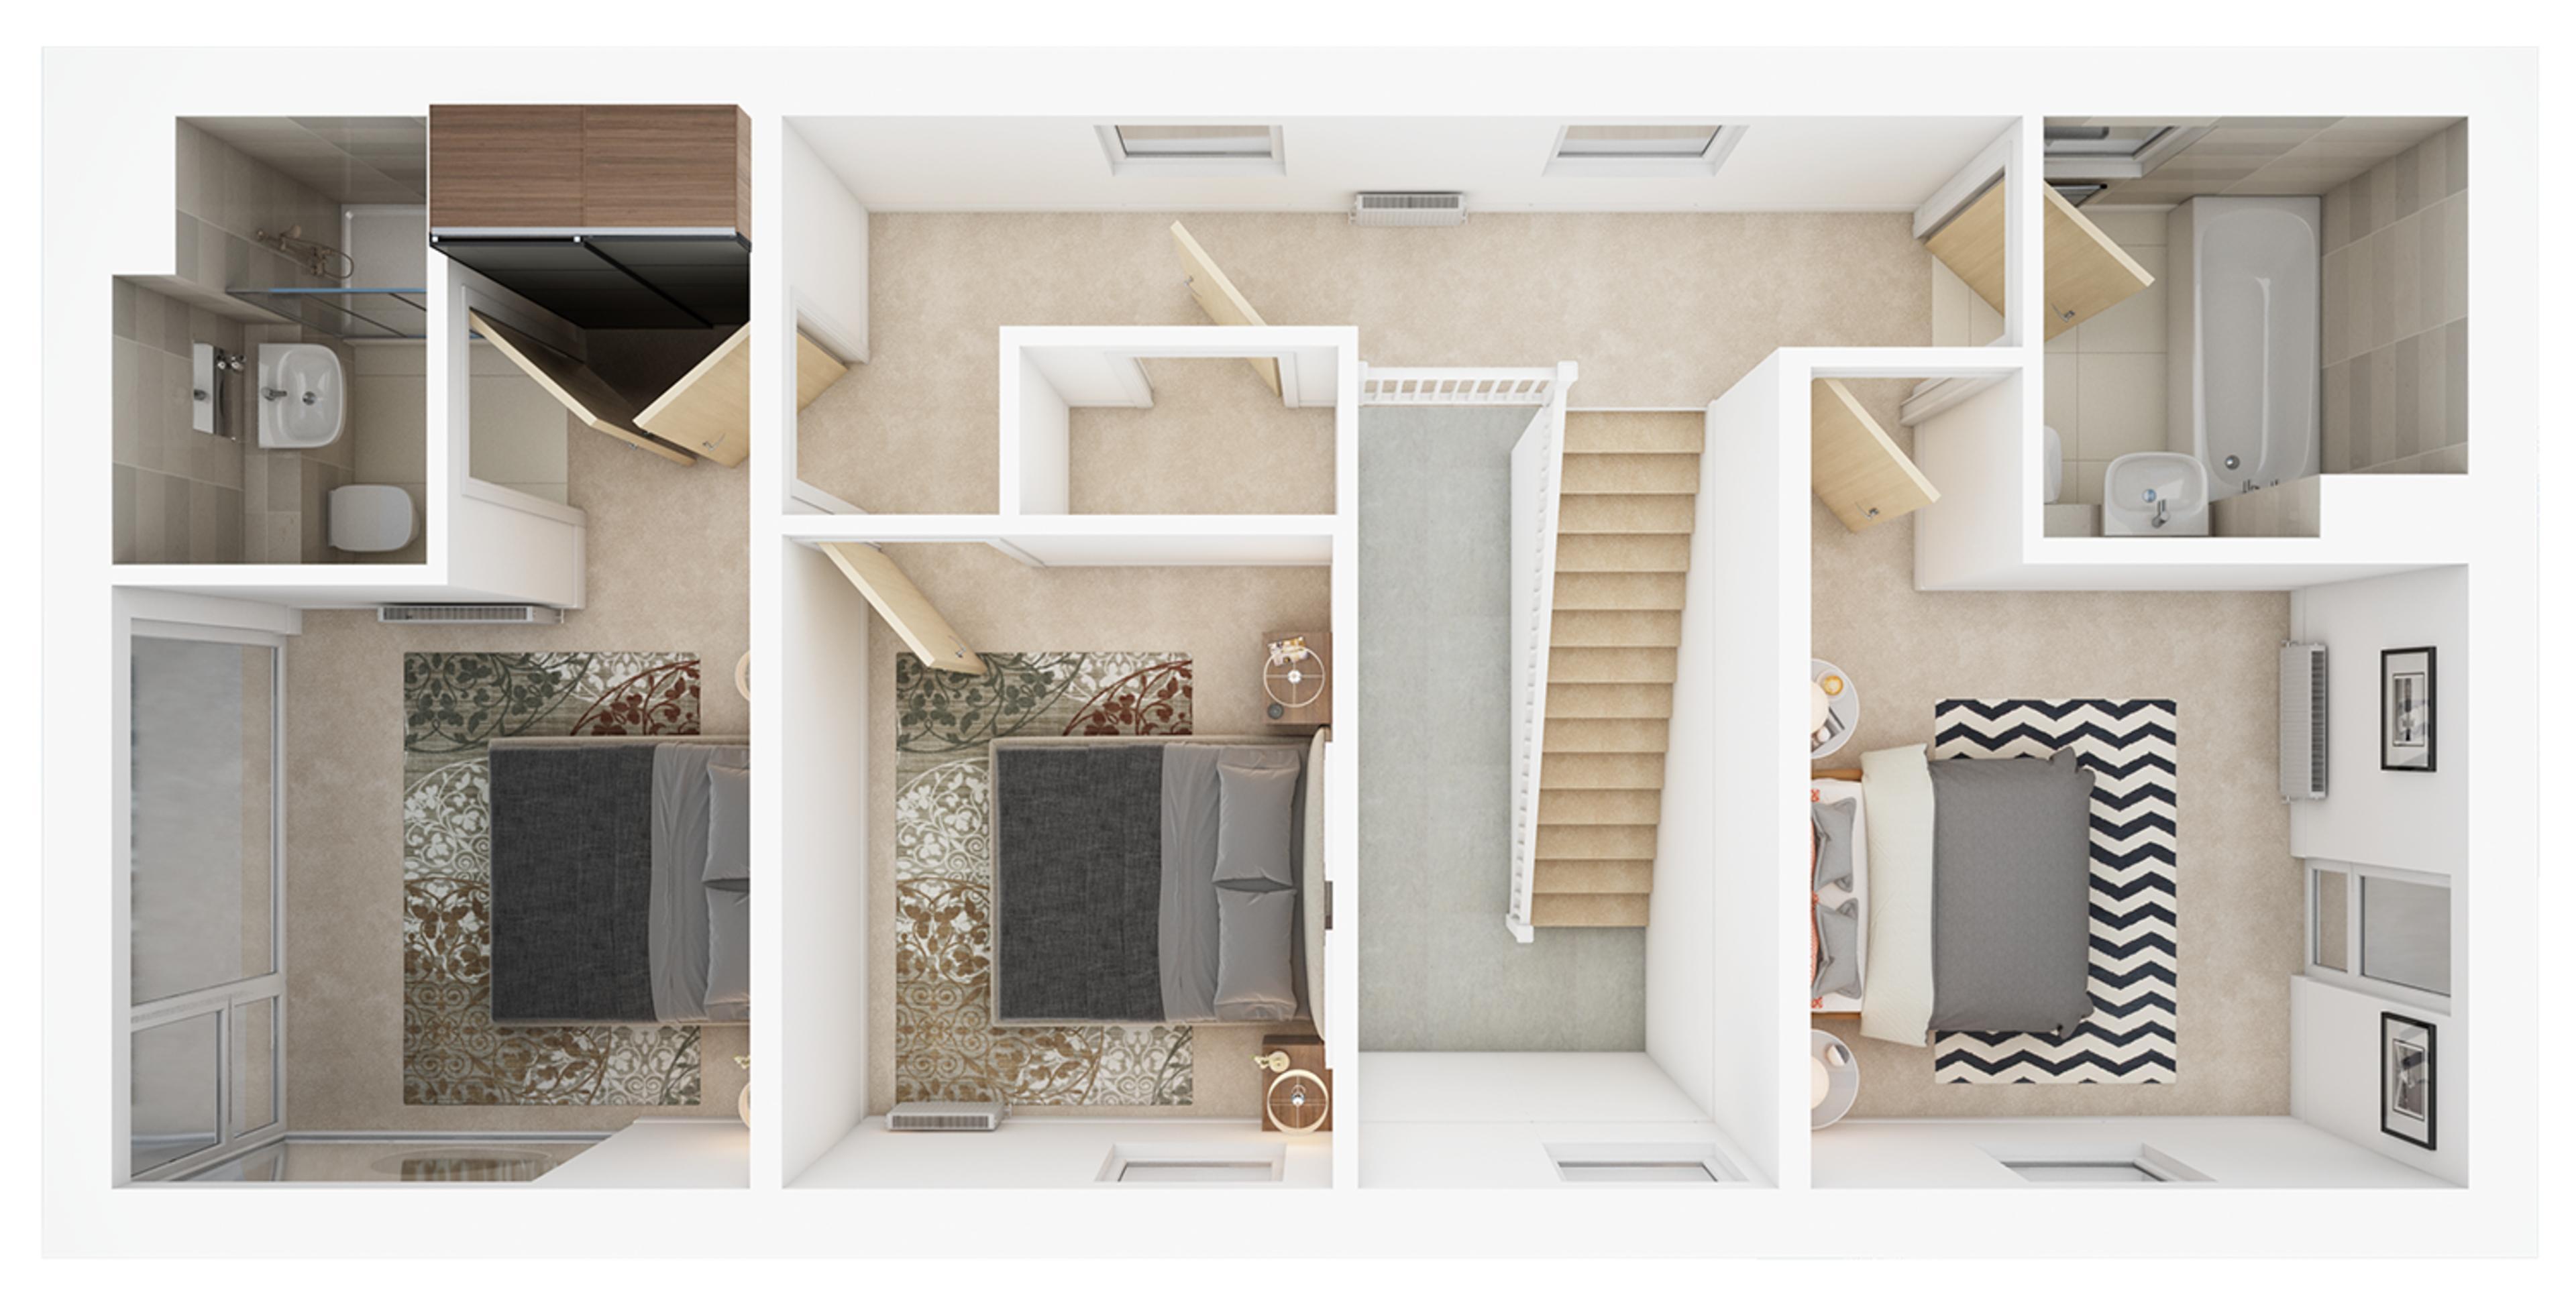 Watling Grange > Calder > First floor